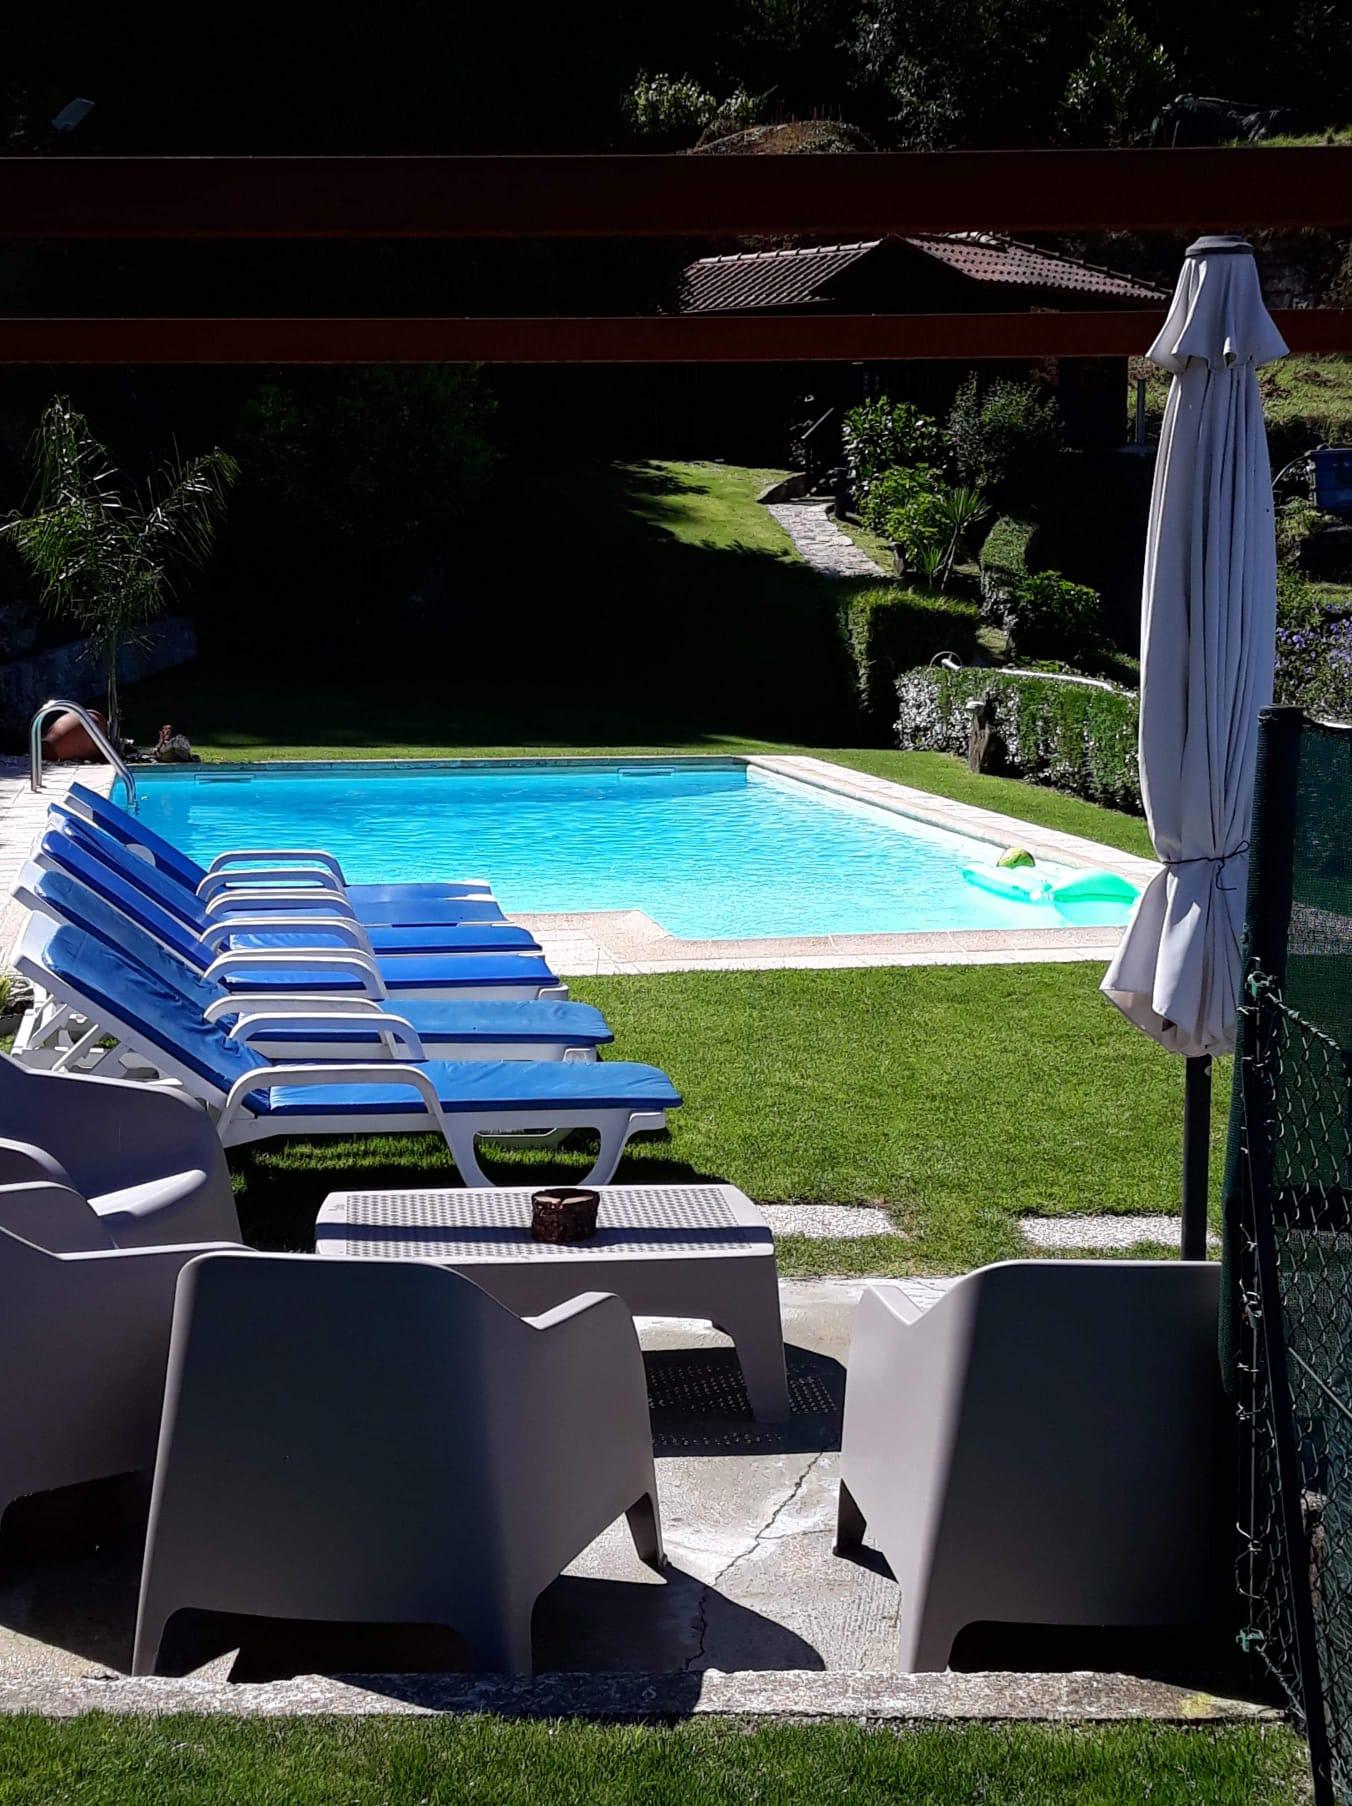 Alojamento Local c/ piscina T2 do Ribeiro